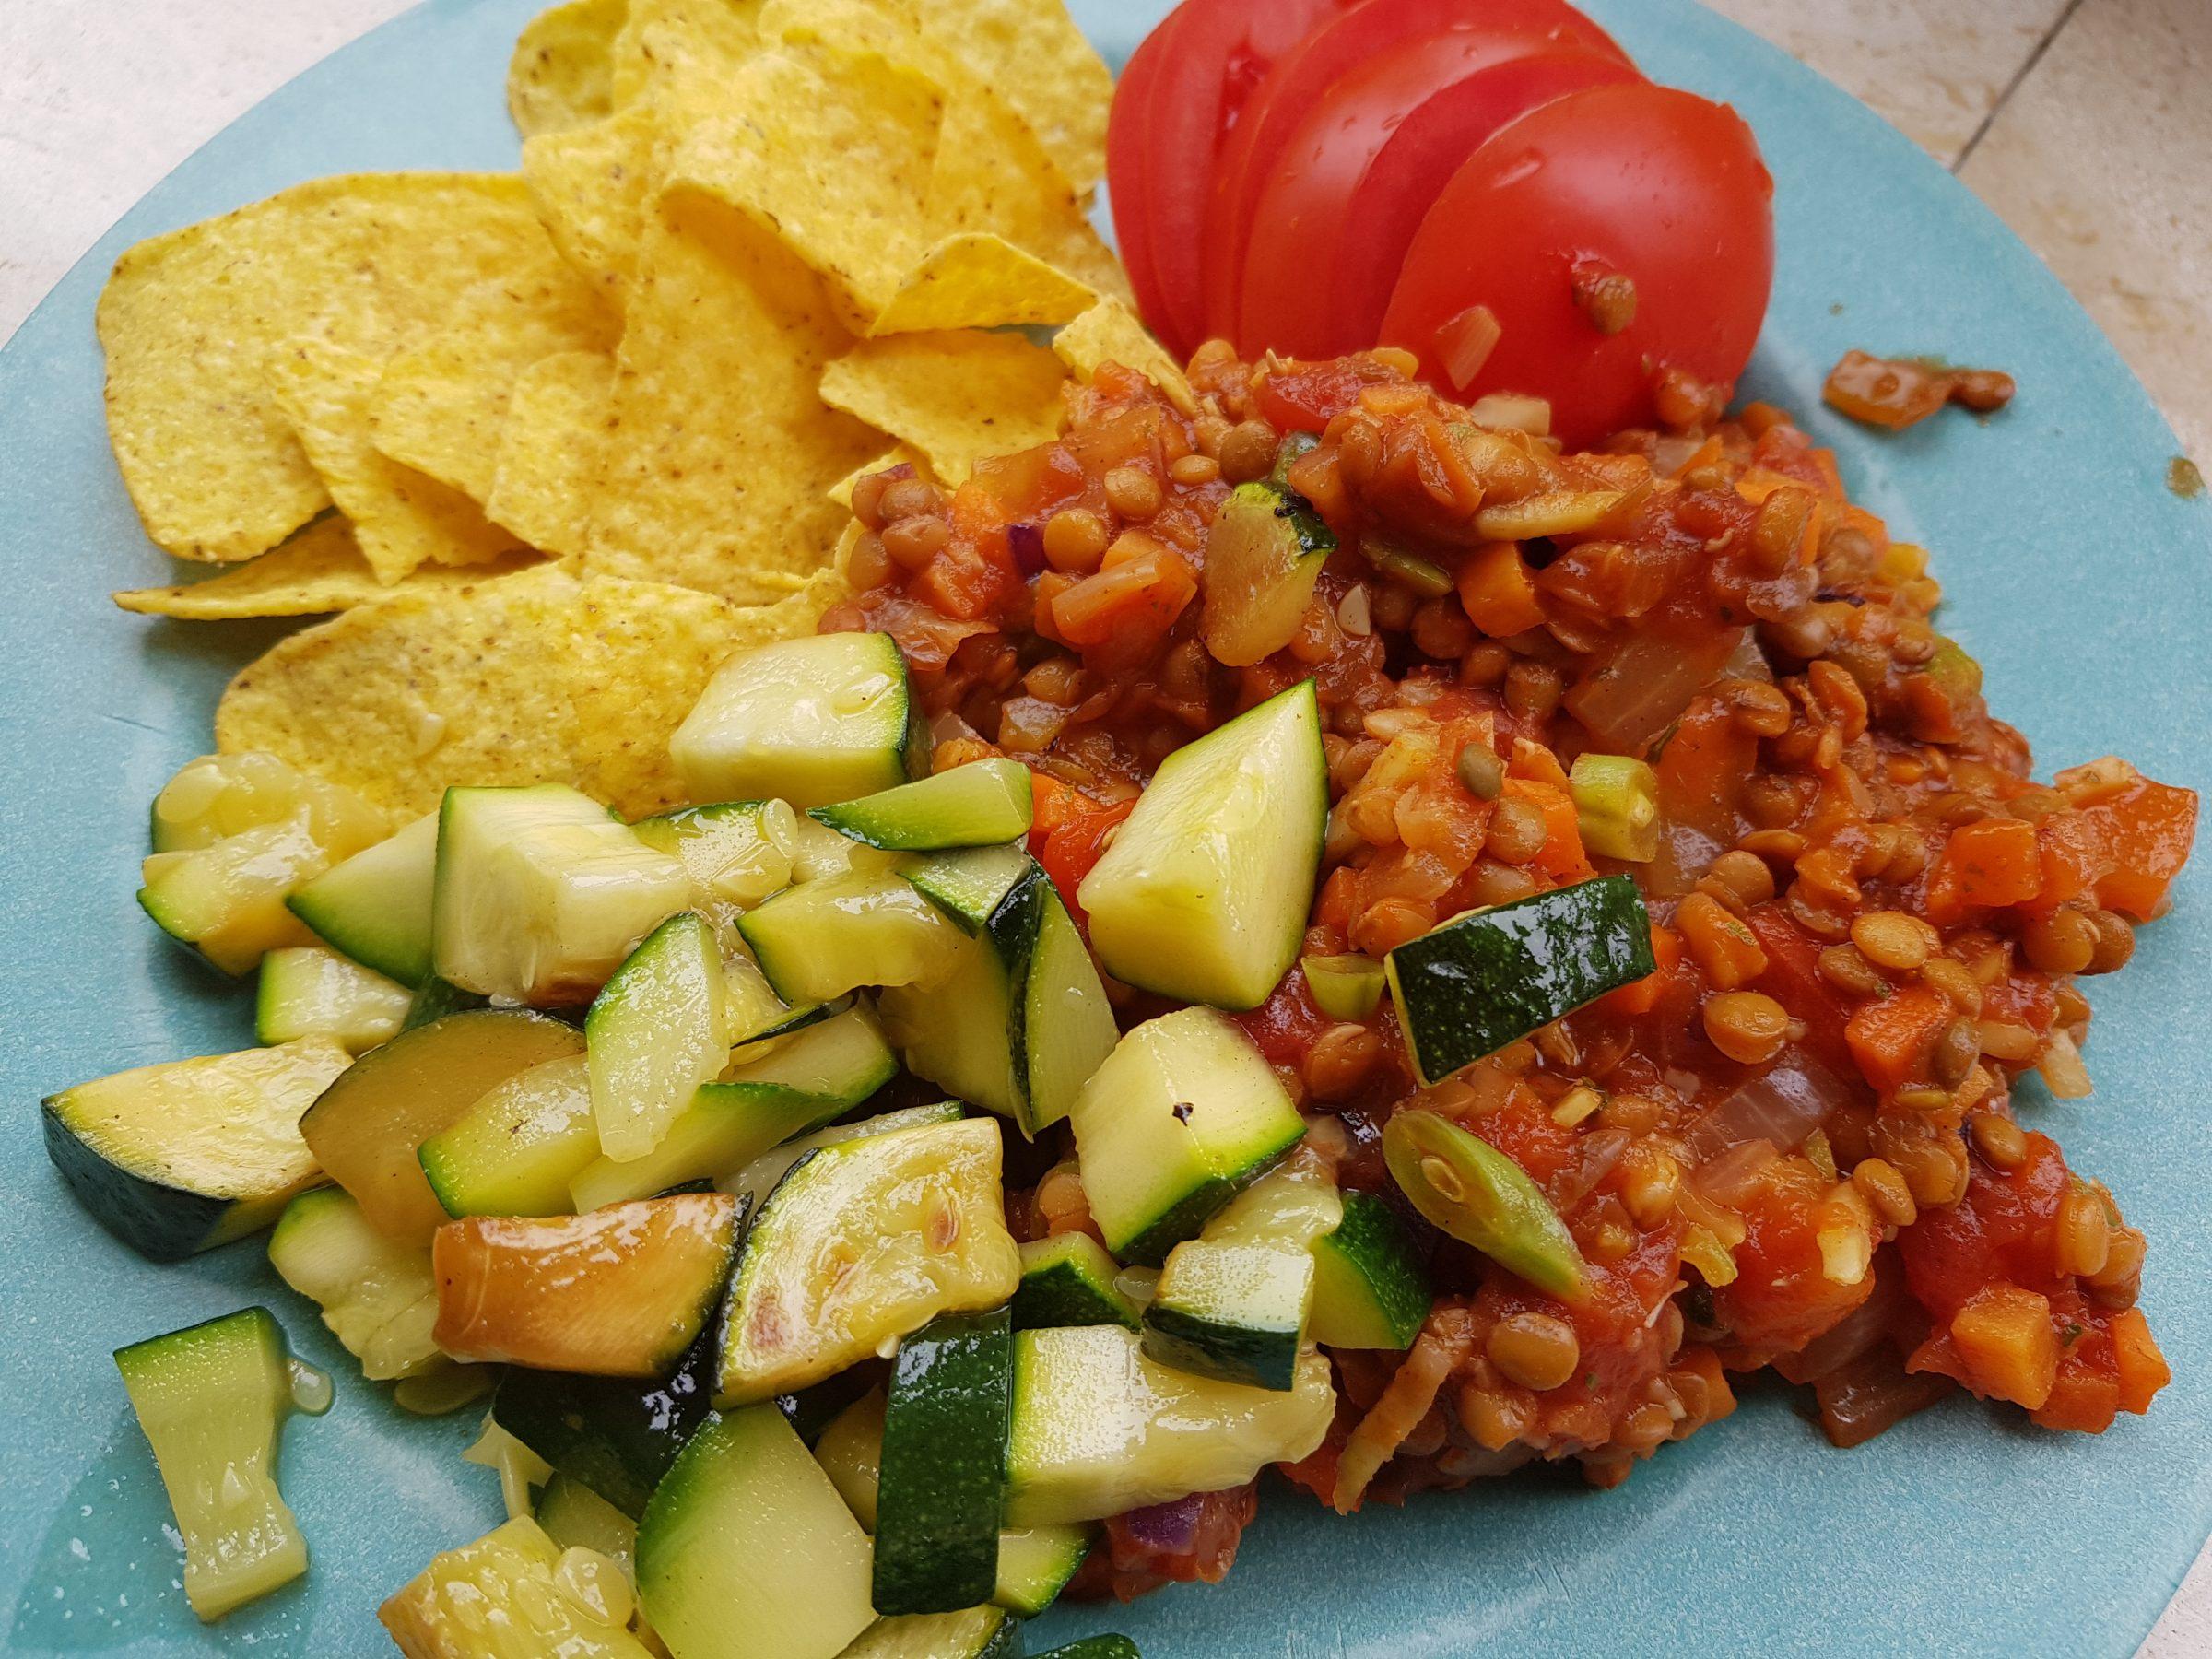 linzenschotel met tomaat, courgette en nacho's